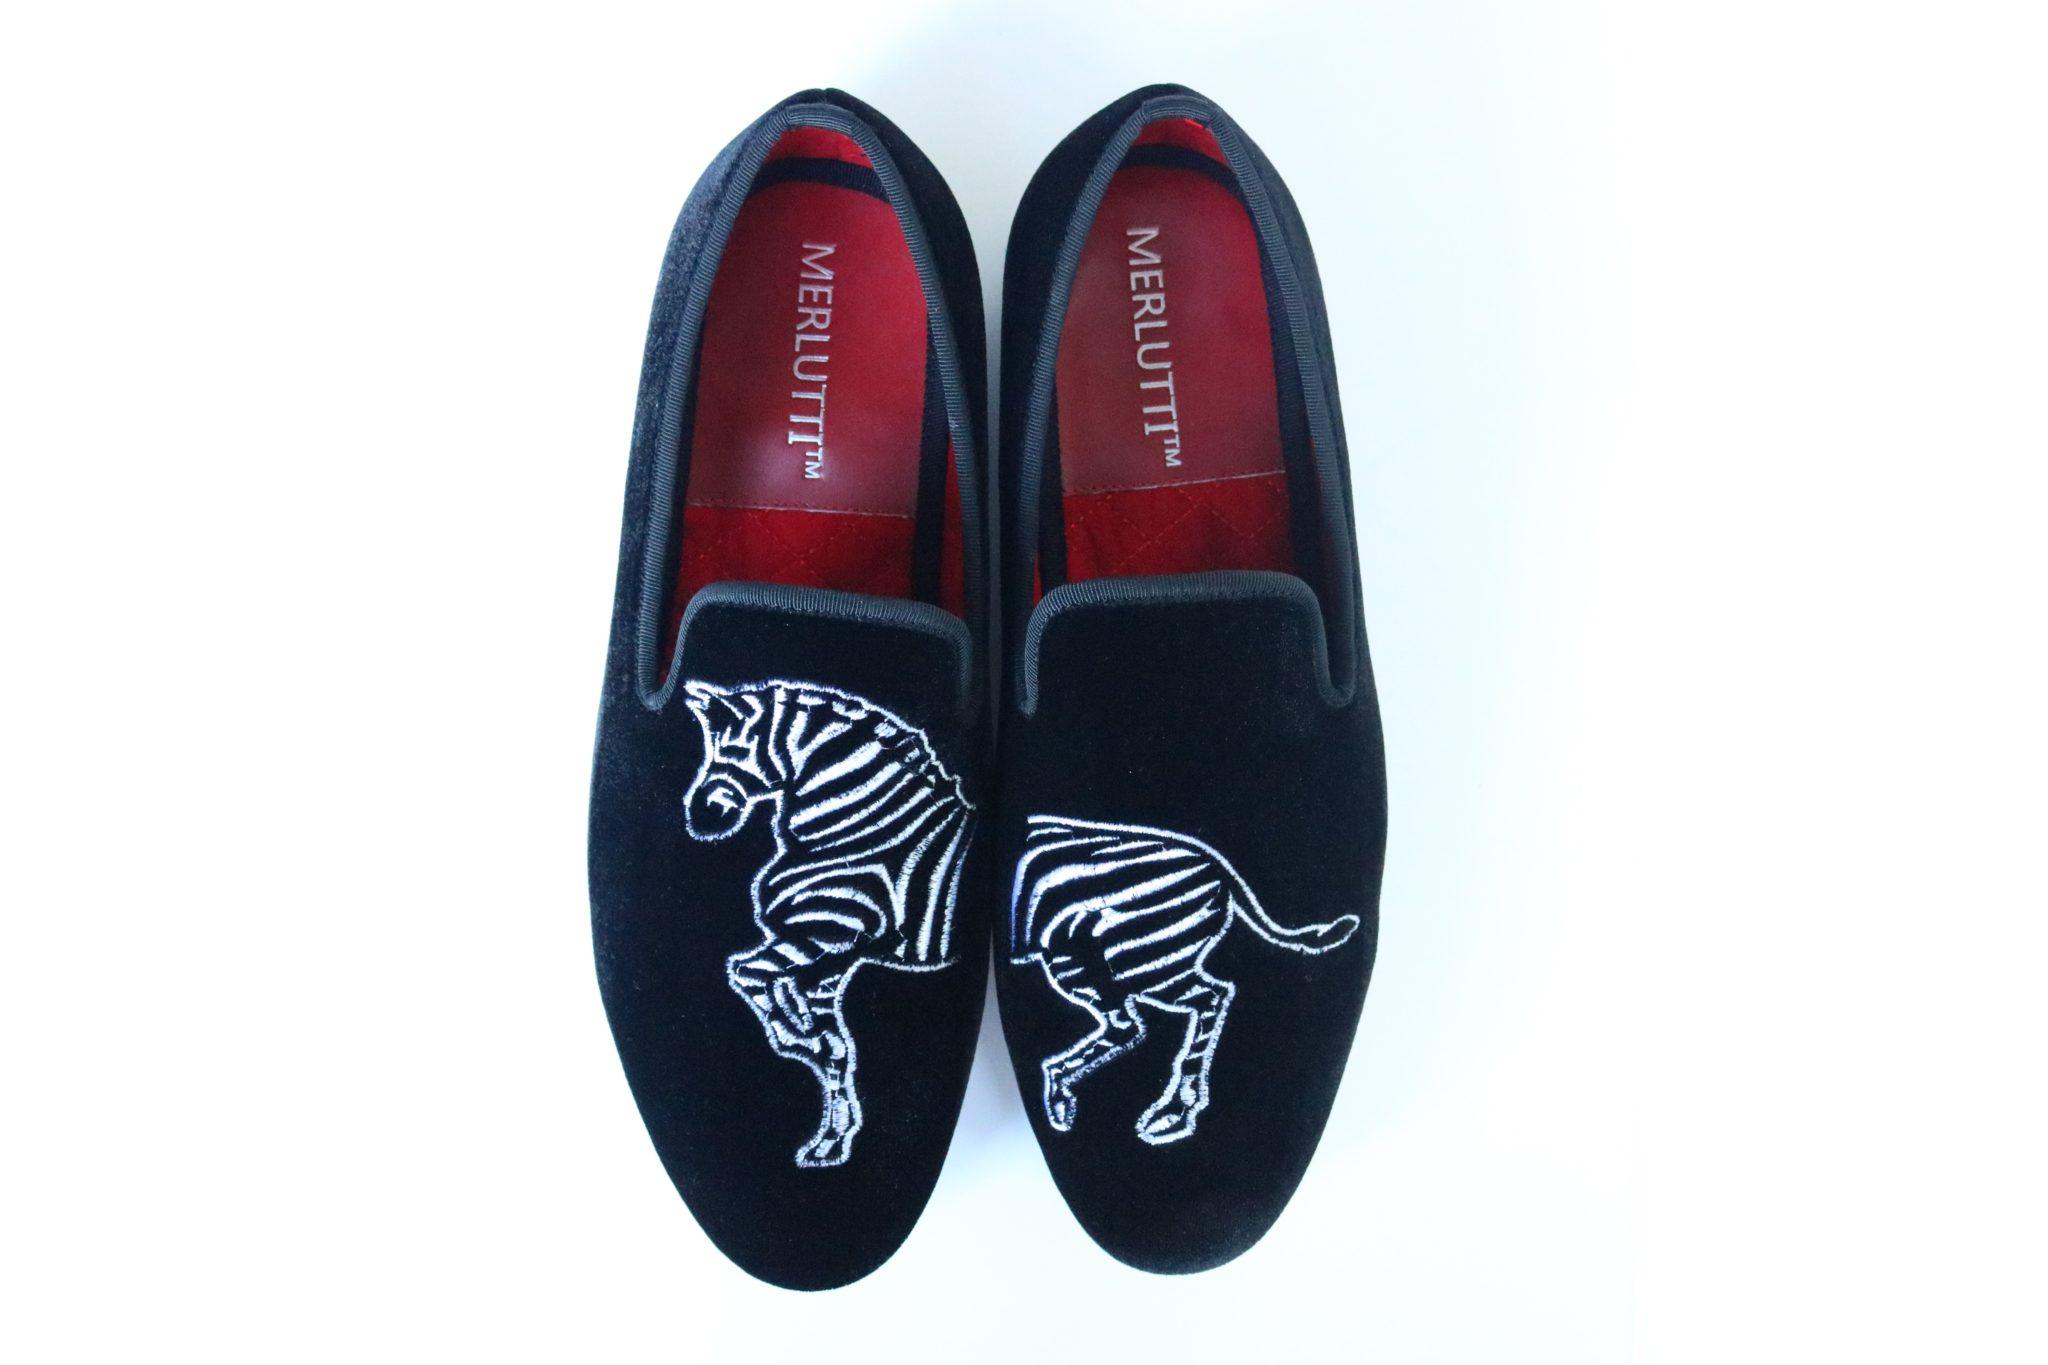 Handmade Black Velvet Loafers Zebra Embroidered